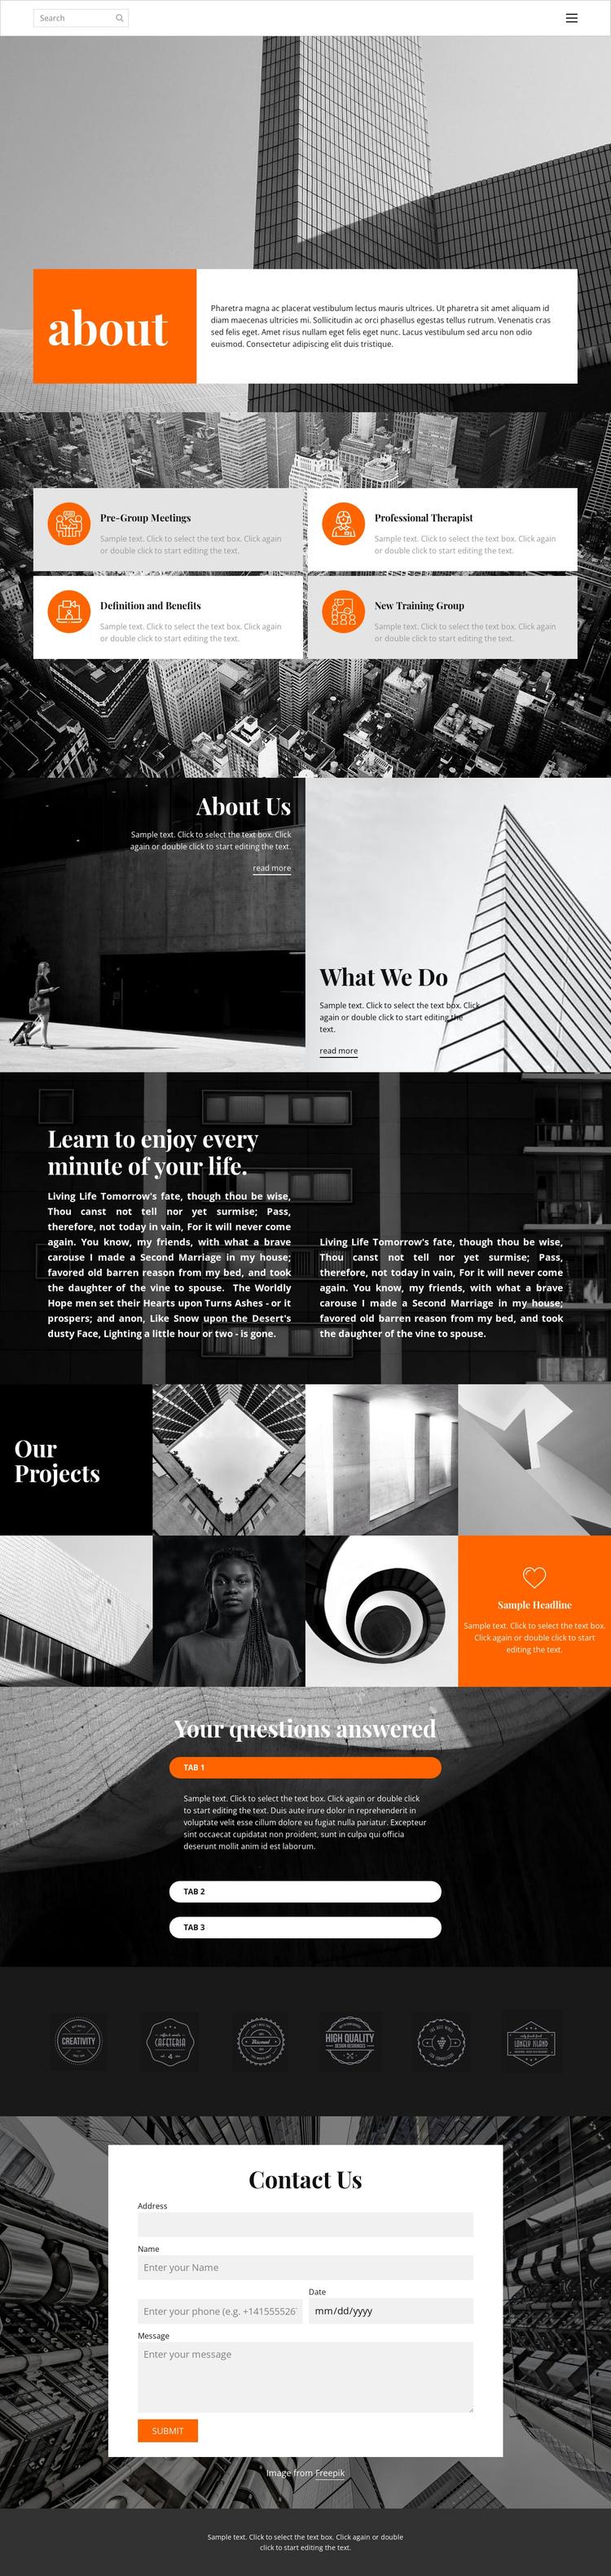 New projects studio Website Builder Software